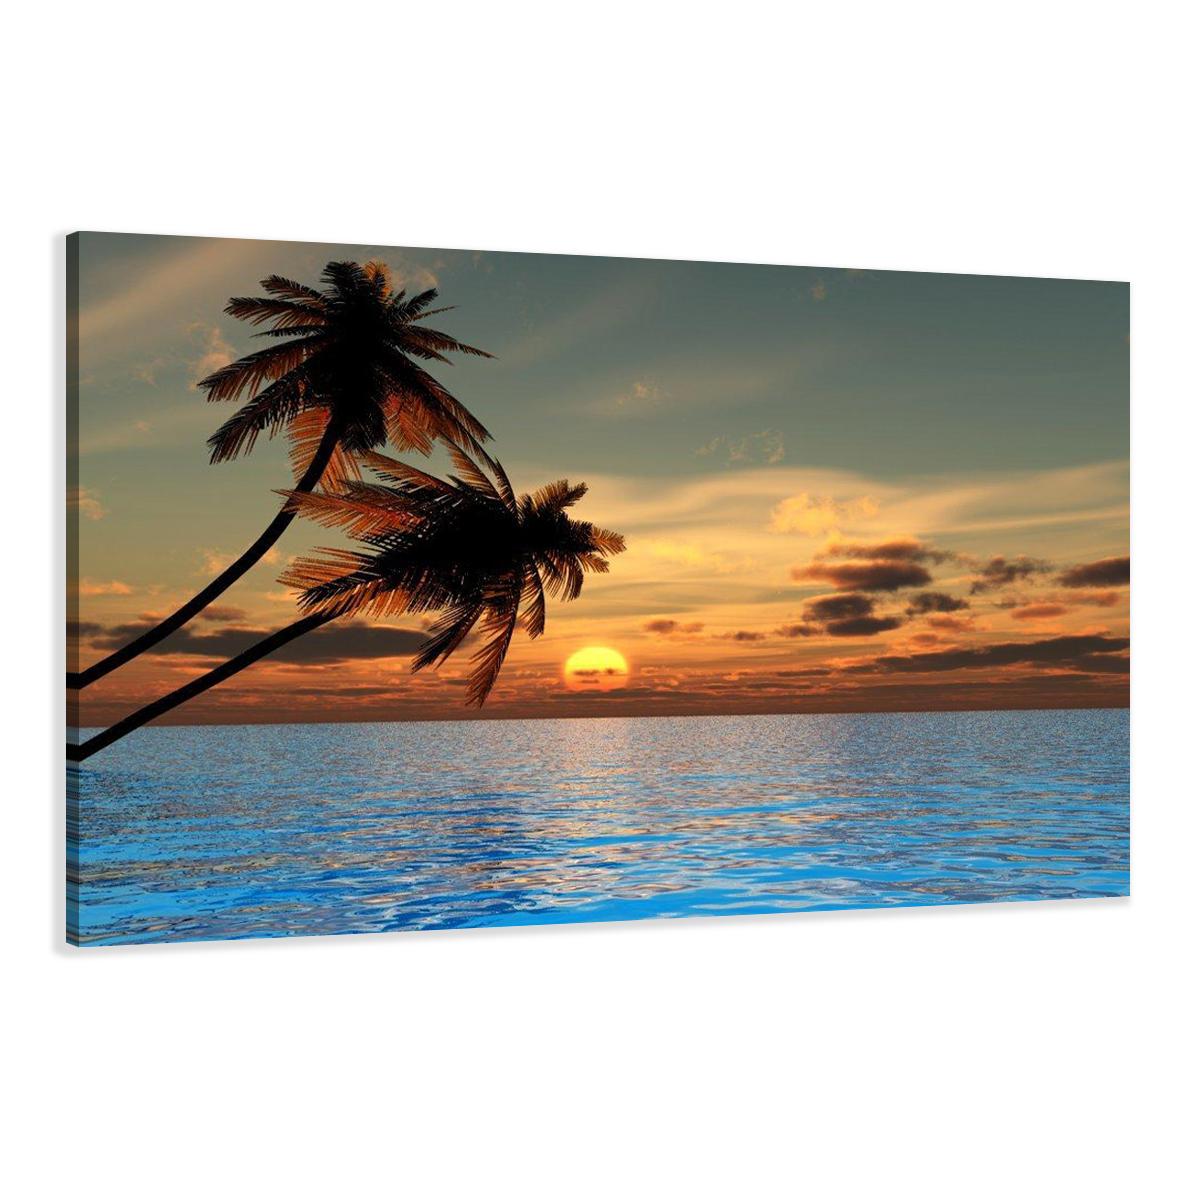 Leinwand wandbilder verschiedene bilder motive 80 x 60 cm for Bilder wandbilder